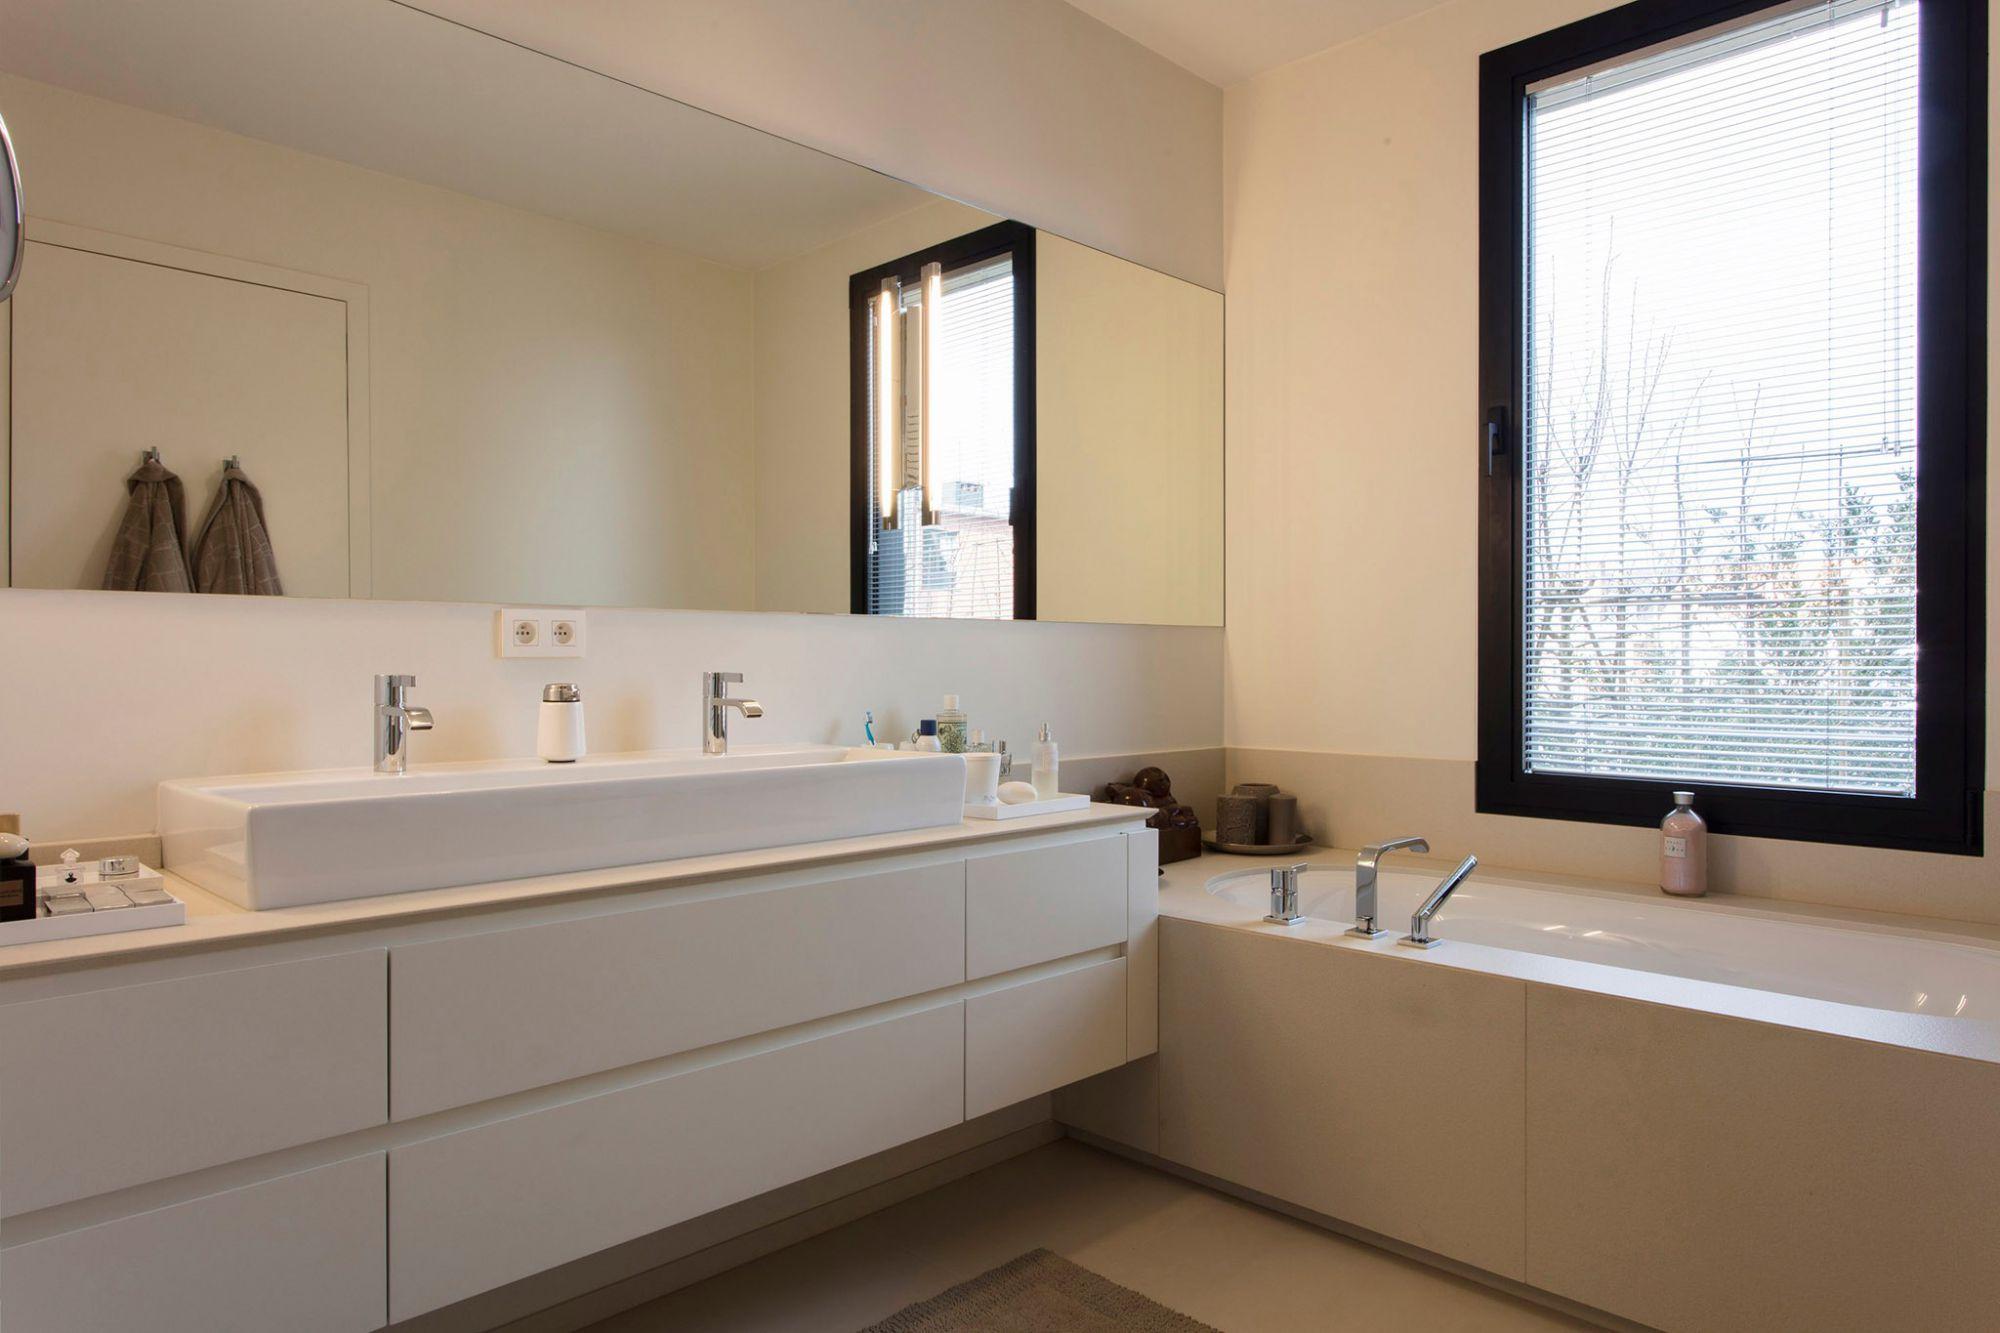 Spa ervaring in je badkamer